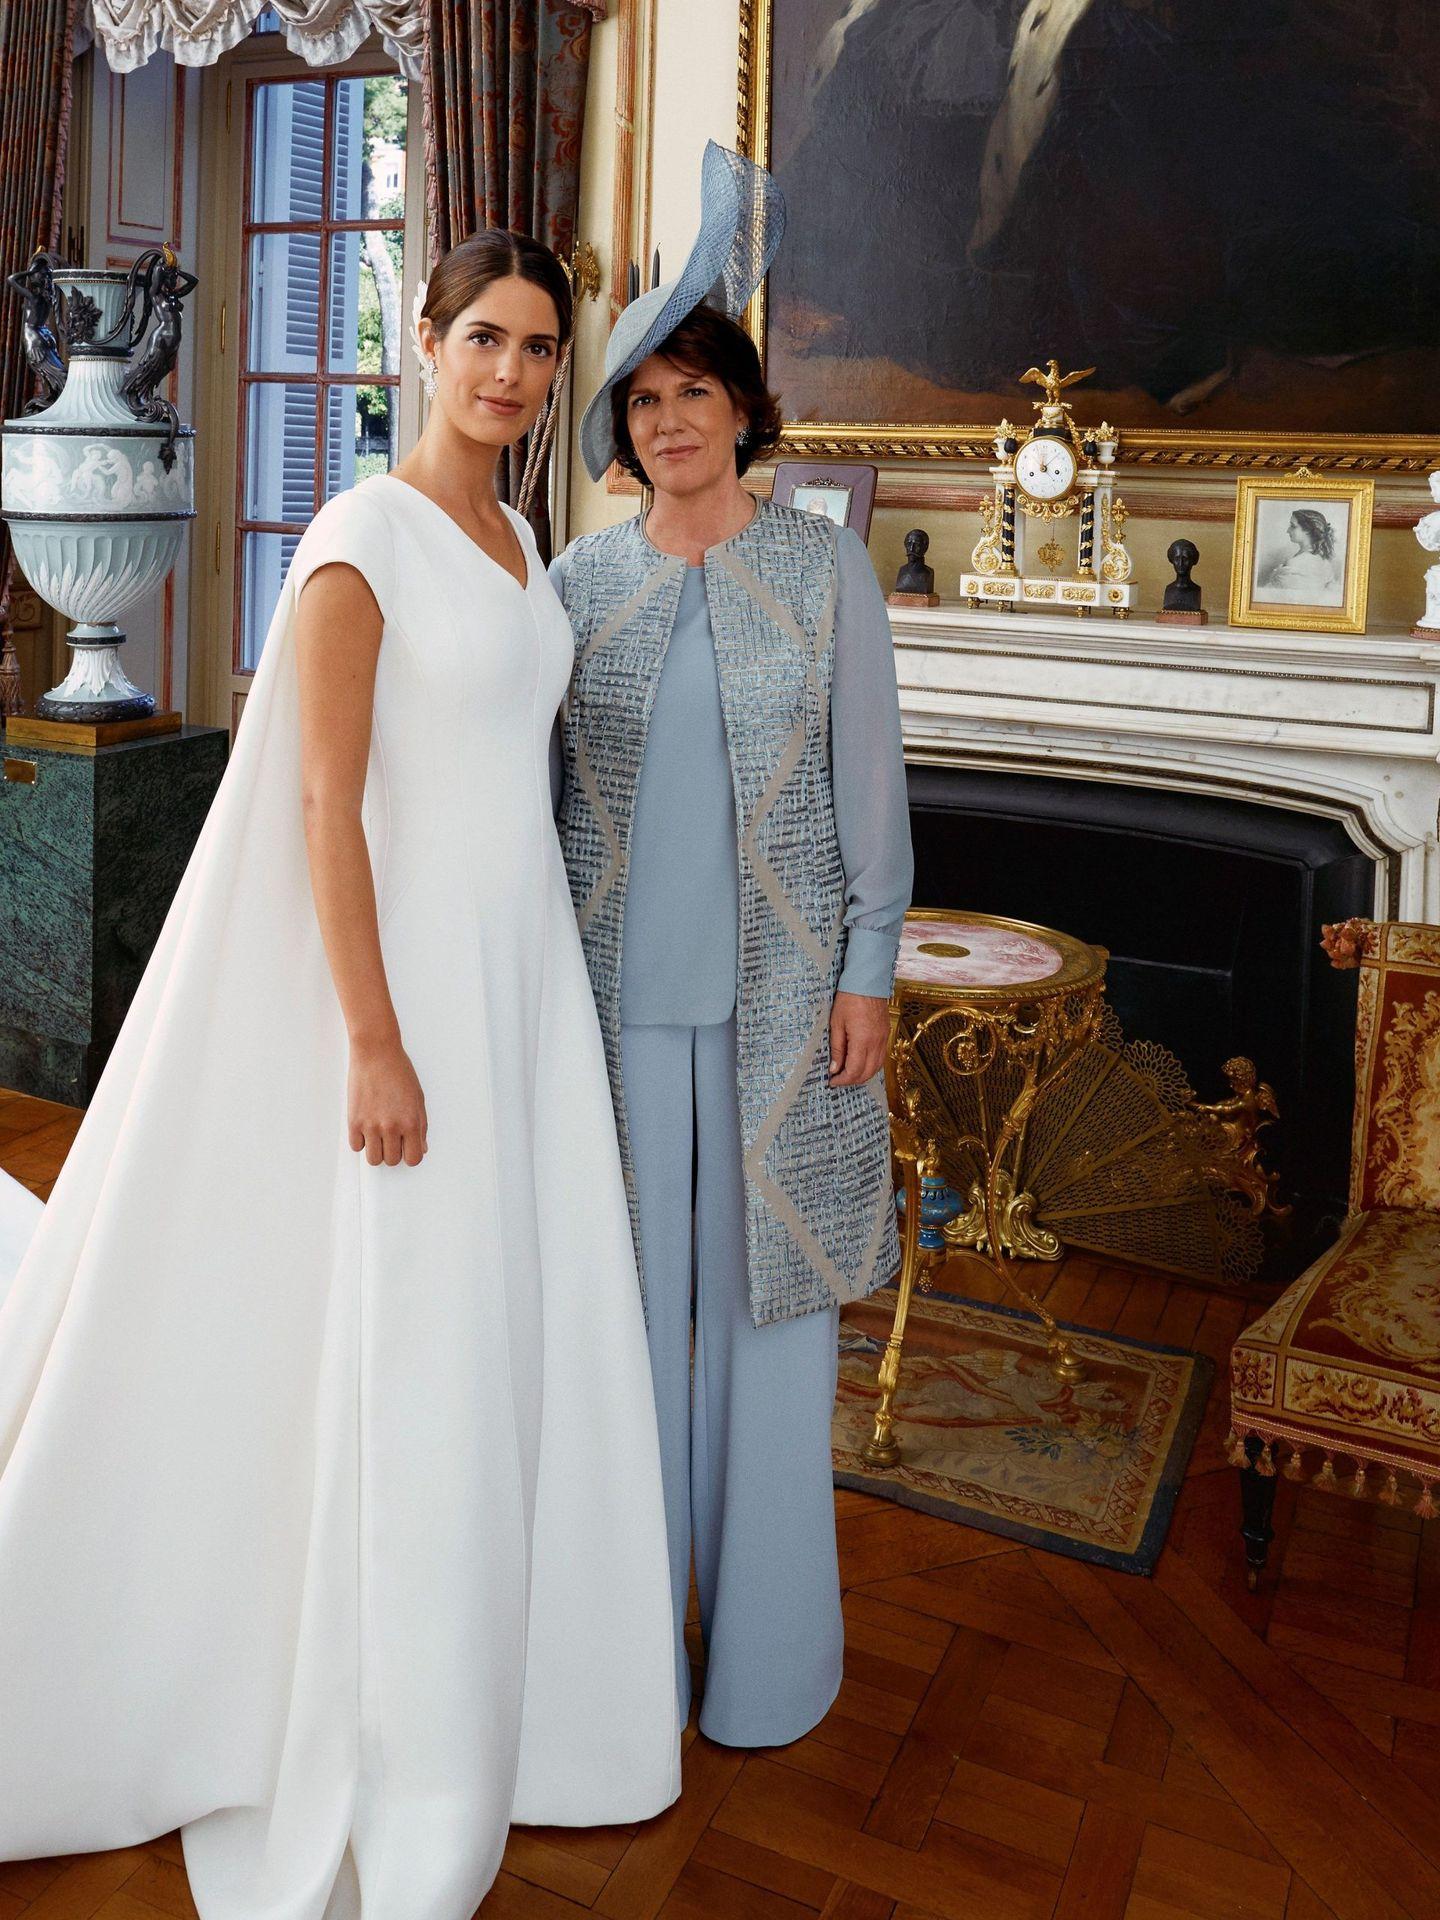 Sofía Palazuelo posa junto a su madre, Sofía Barroso, en el palacio de Liria. (EFE)